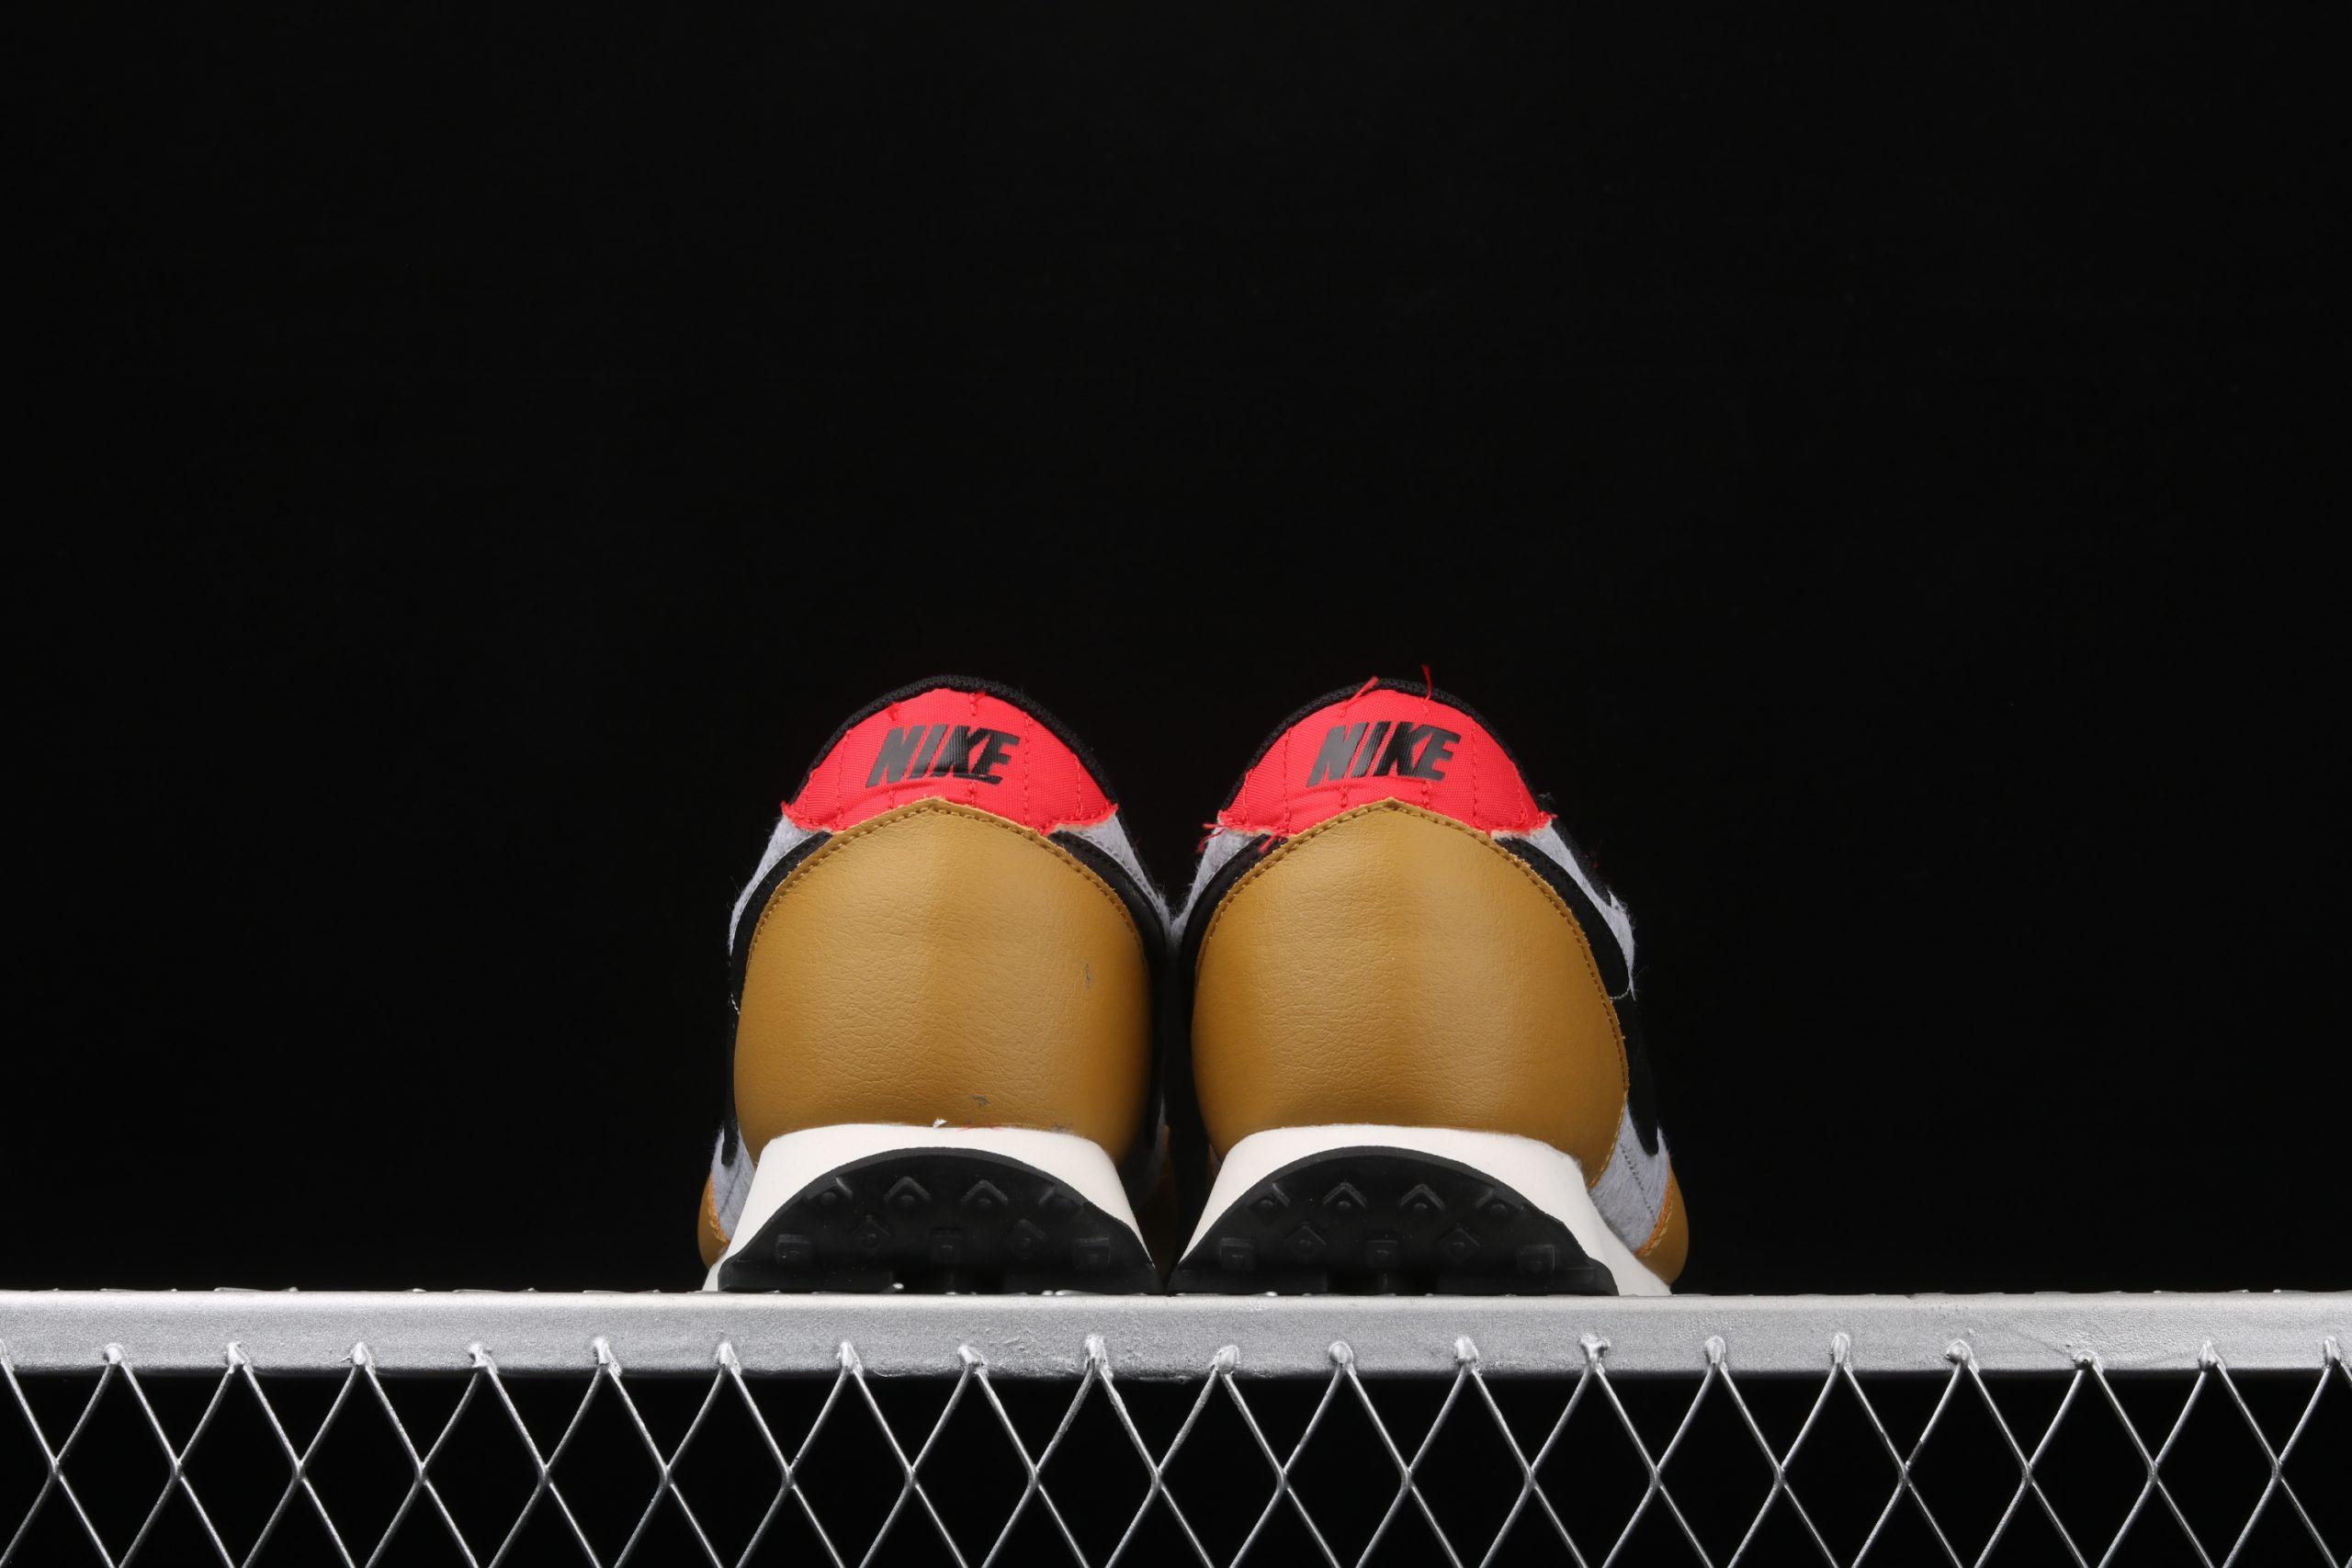 Wmns Daybreak QS Gold Suede Red Grey Heel